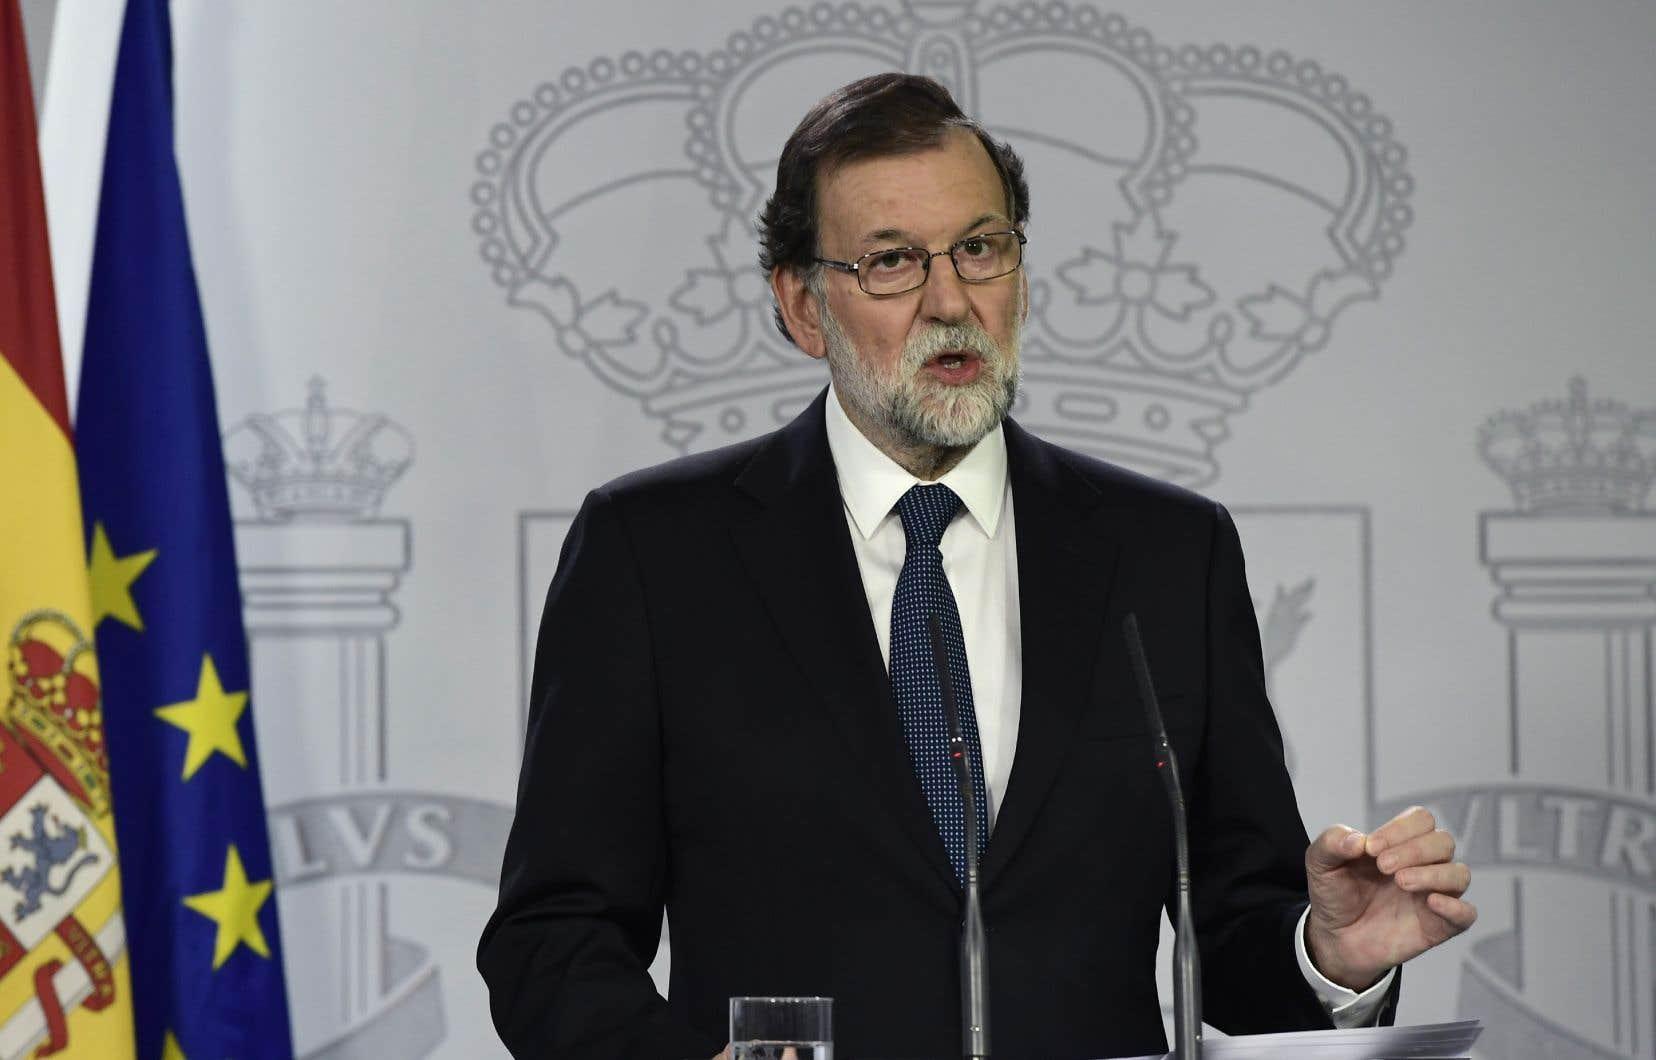 Des centaines de personnes vont y témoigner dont l'ancien chef de gouvernement conservateur Mariano Rajoy.